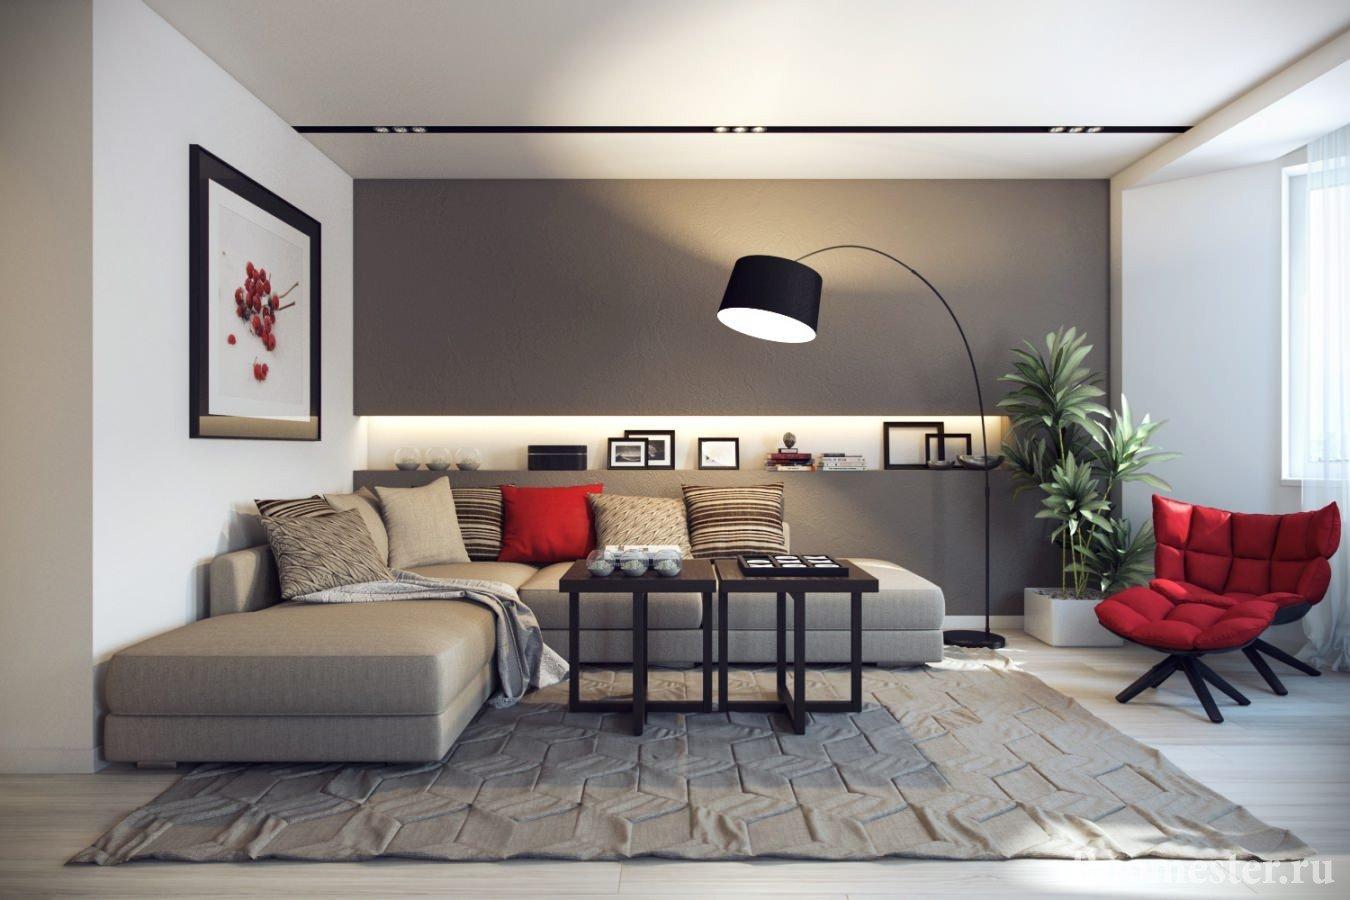 Дизайн гостиной фото 2018 современные идеи с цветами